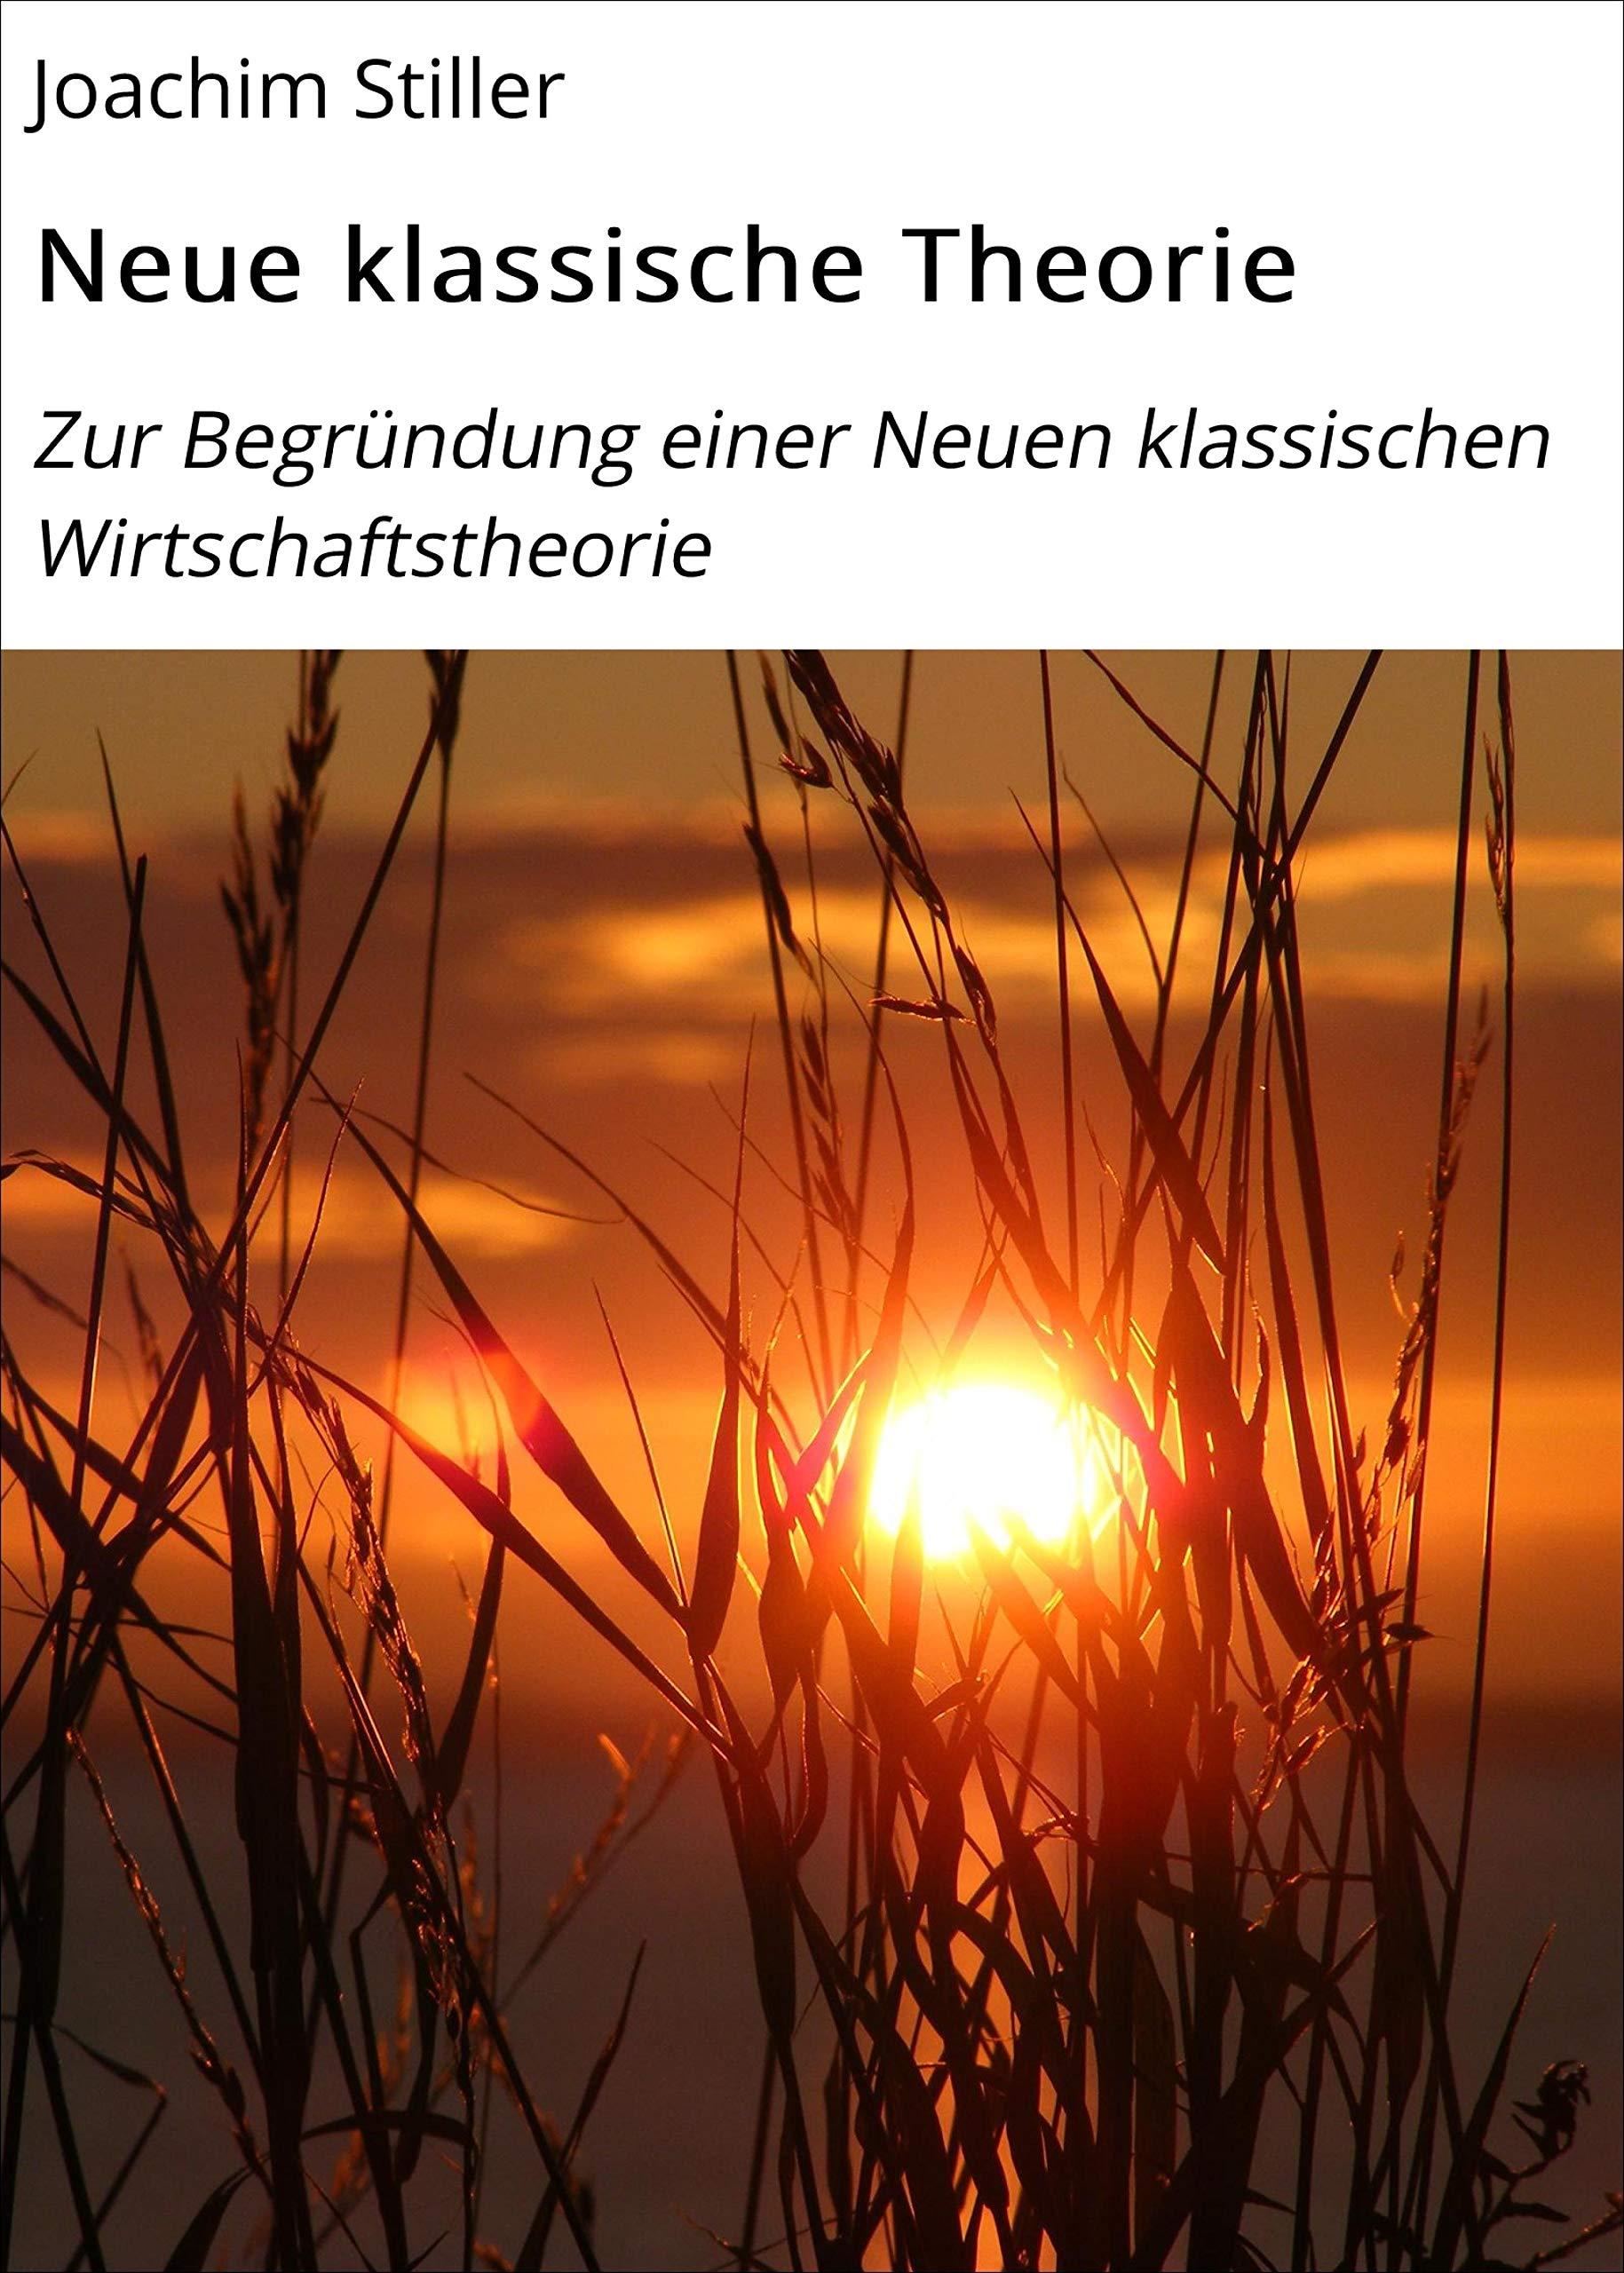 Neue klassische Theorie: Zur Begründung einer Neuen klassischen Wirtschaftstheorie (German Edition)